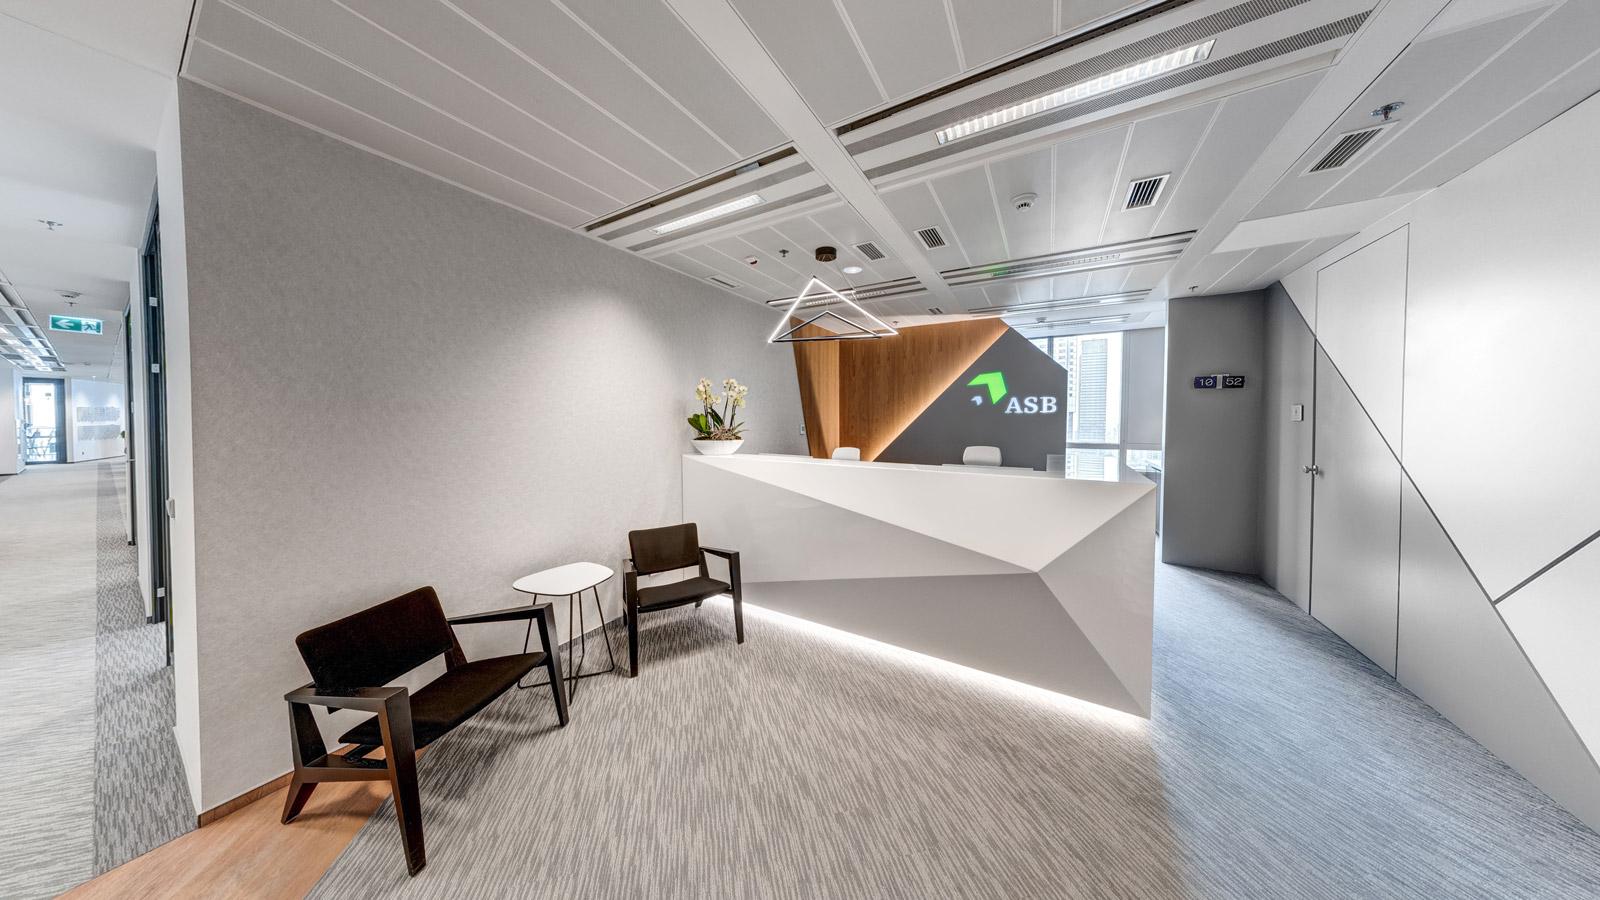 Najlepsze biura w Polsce Biura asb poland sp z oo biuro w branzy bpossc 1